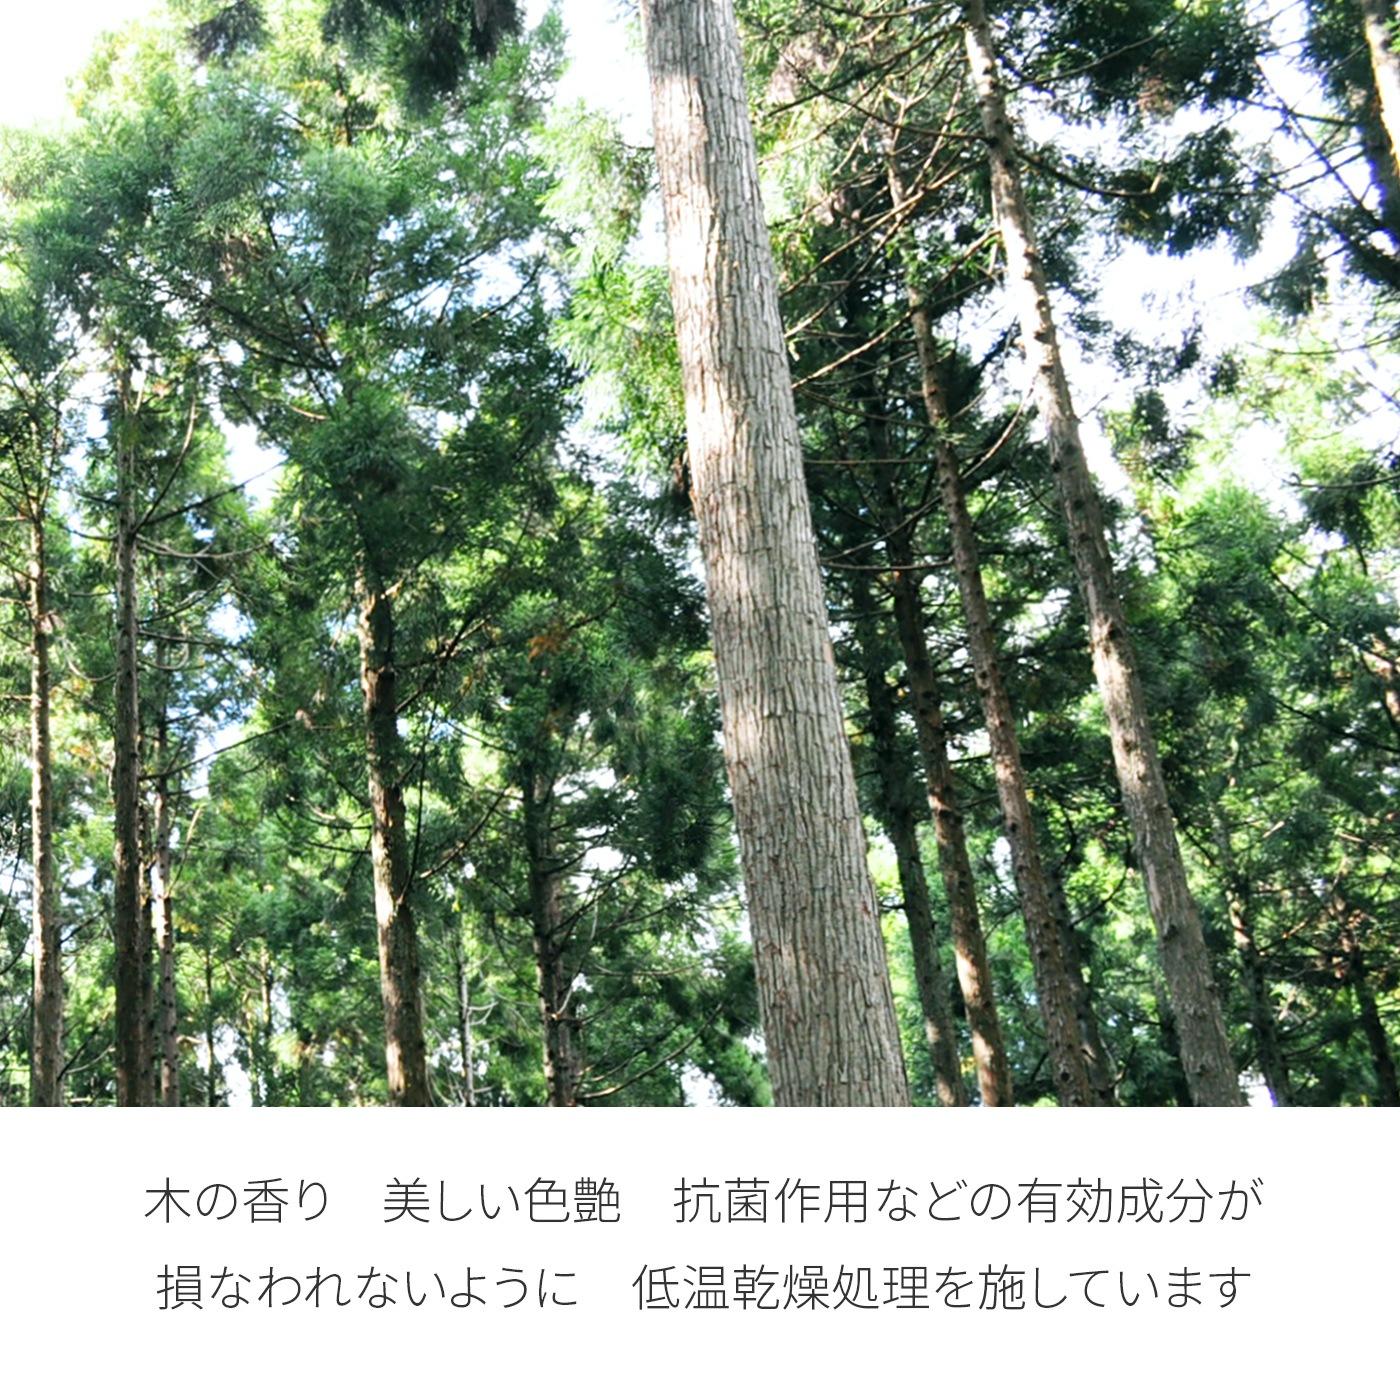 木の香り 美しい色艶 抗菌作用などの有効成分が損なわれないように 低温乾燥処理を施しています